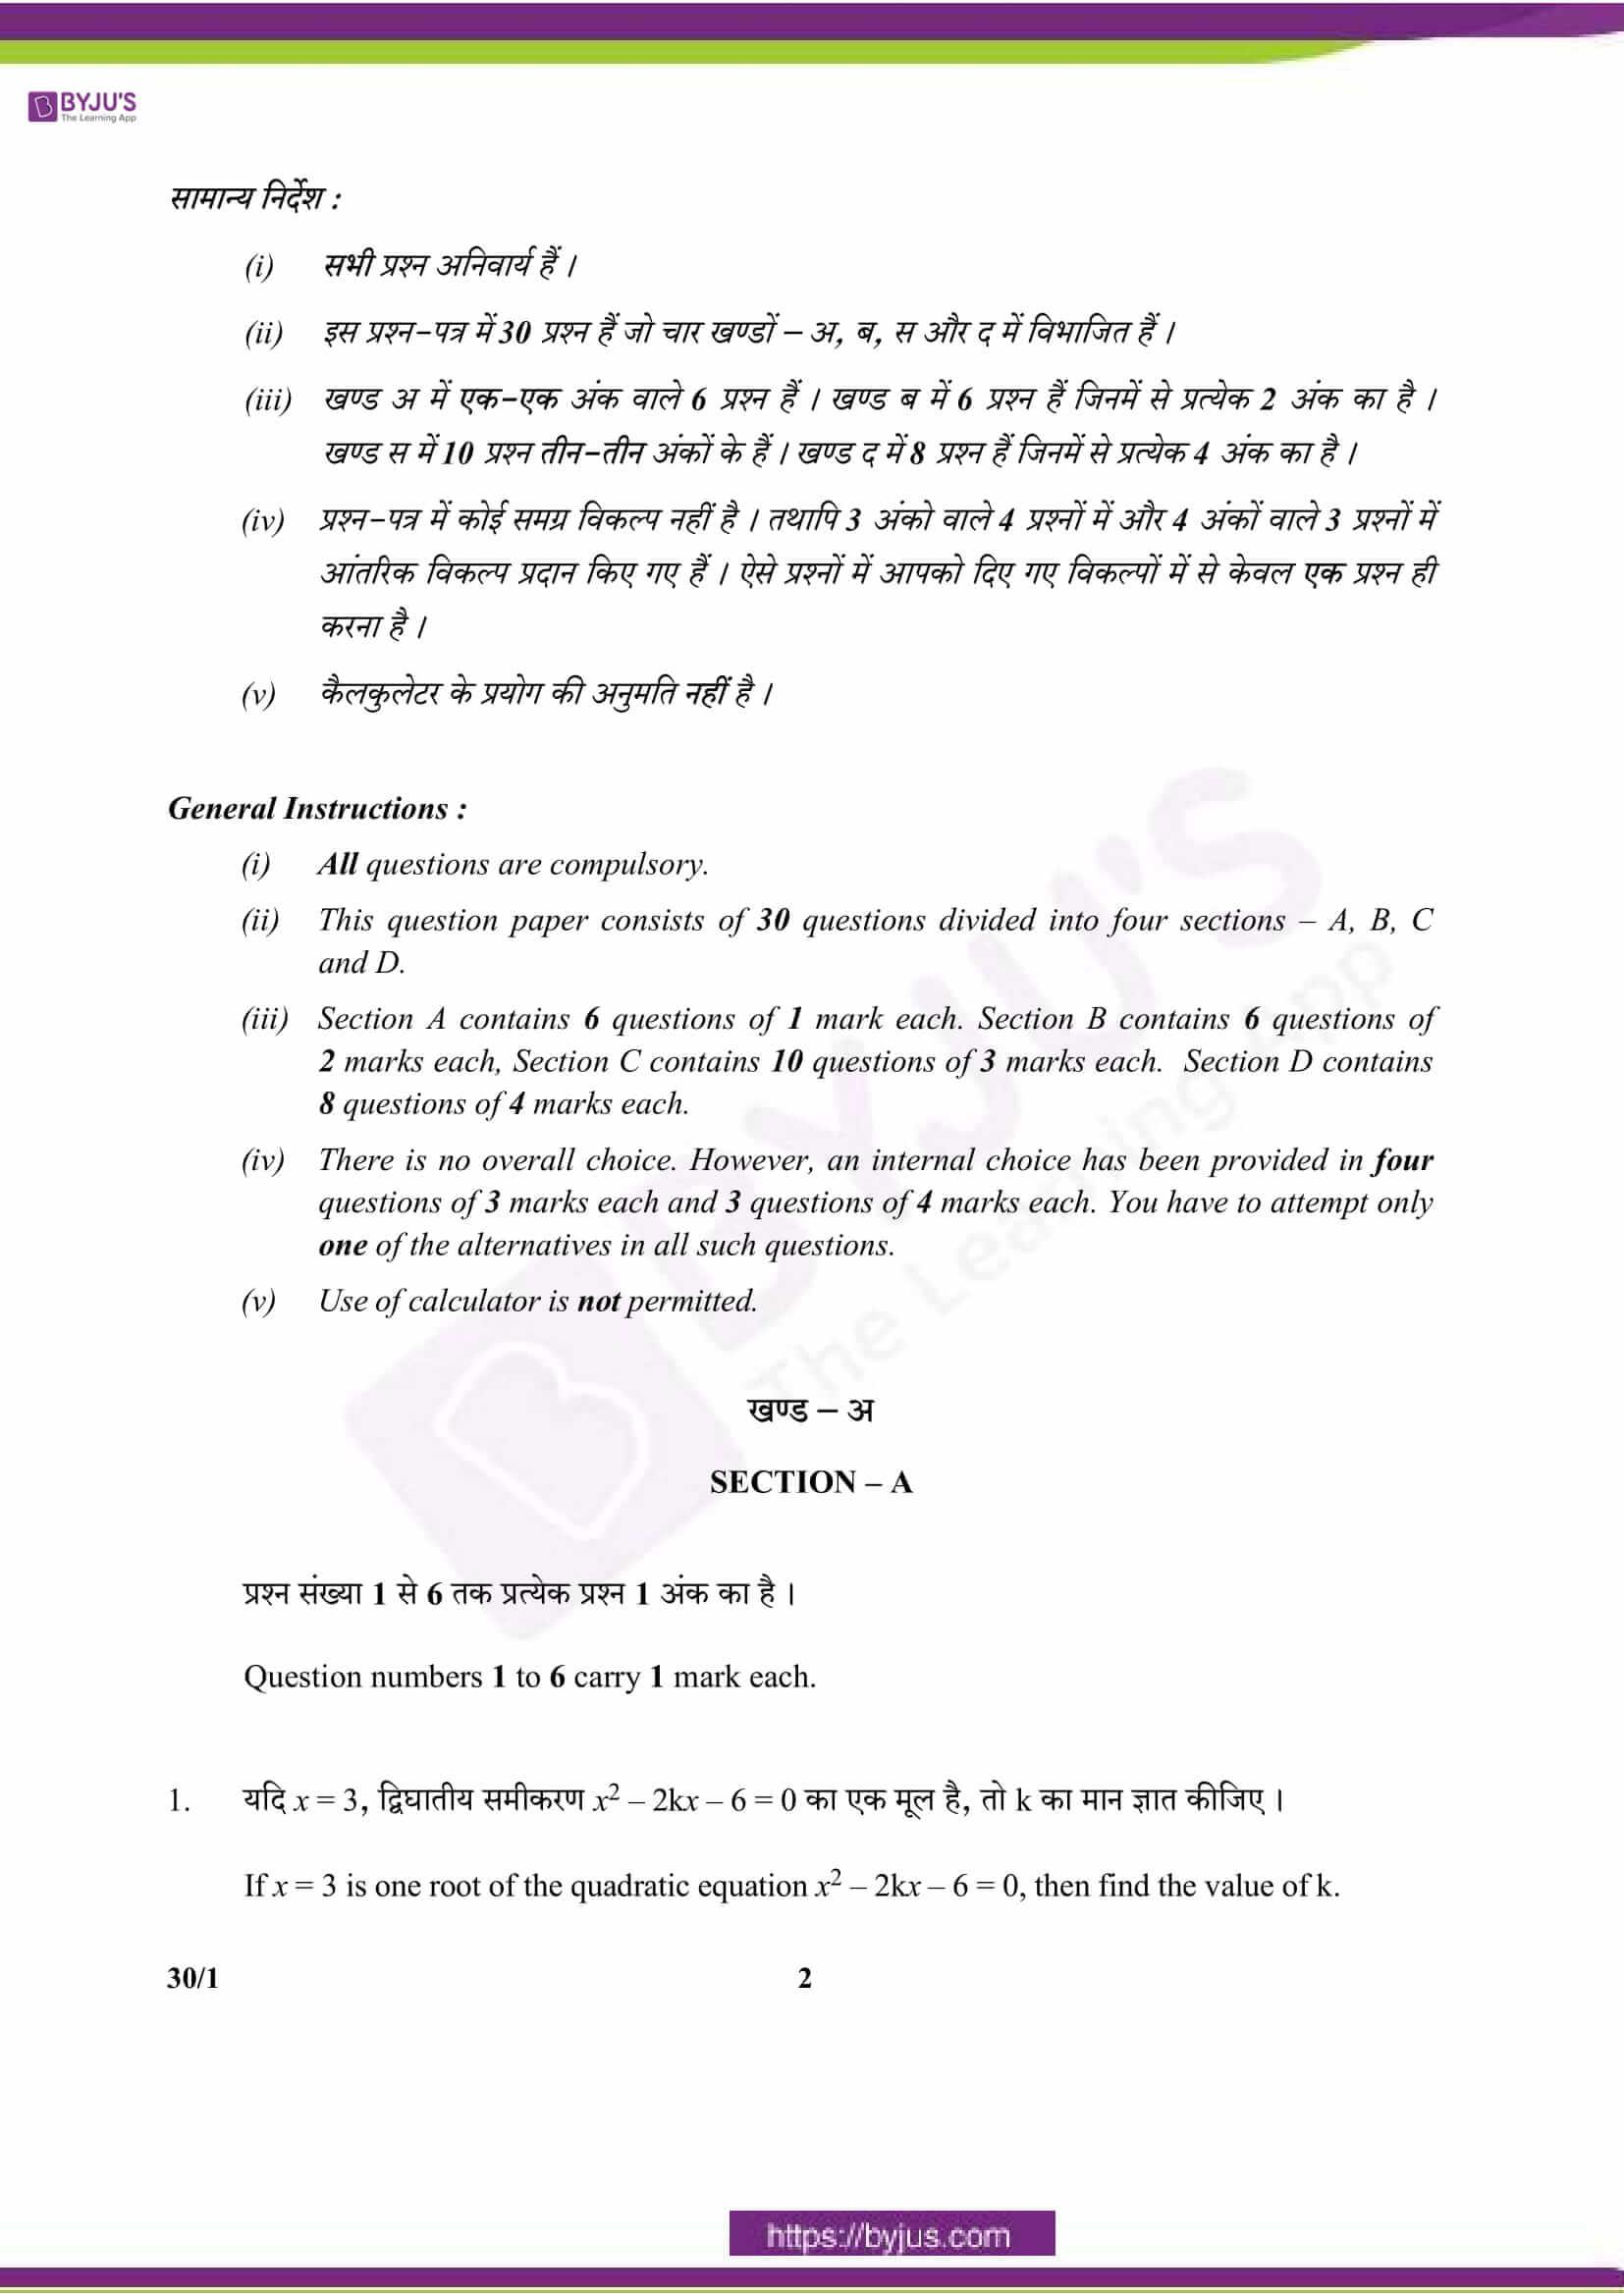 CBSE Class 10 Maths Qs Paper 2018 Set 1 02